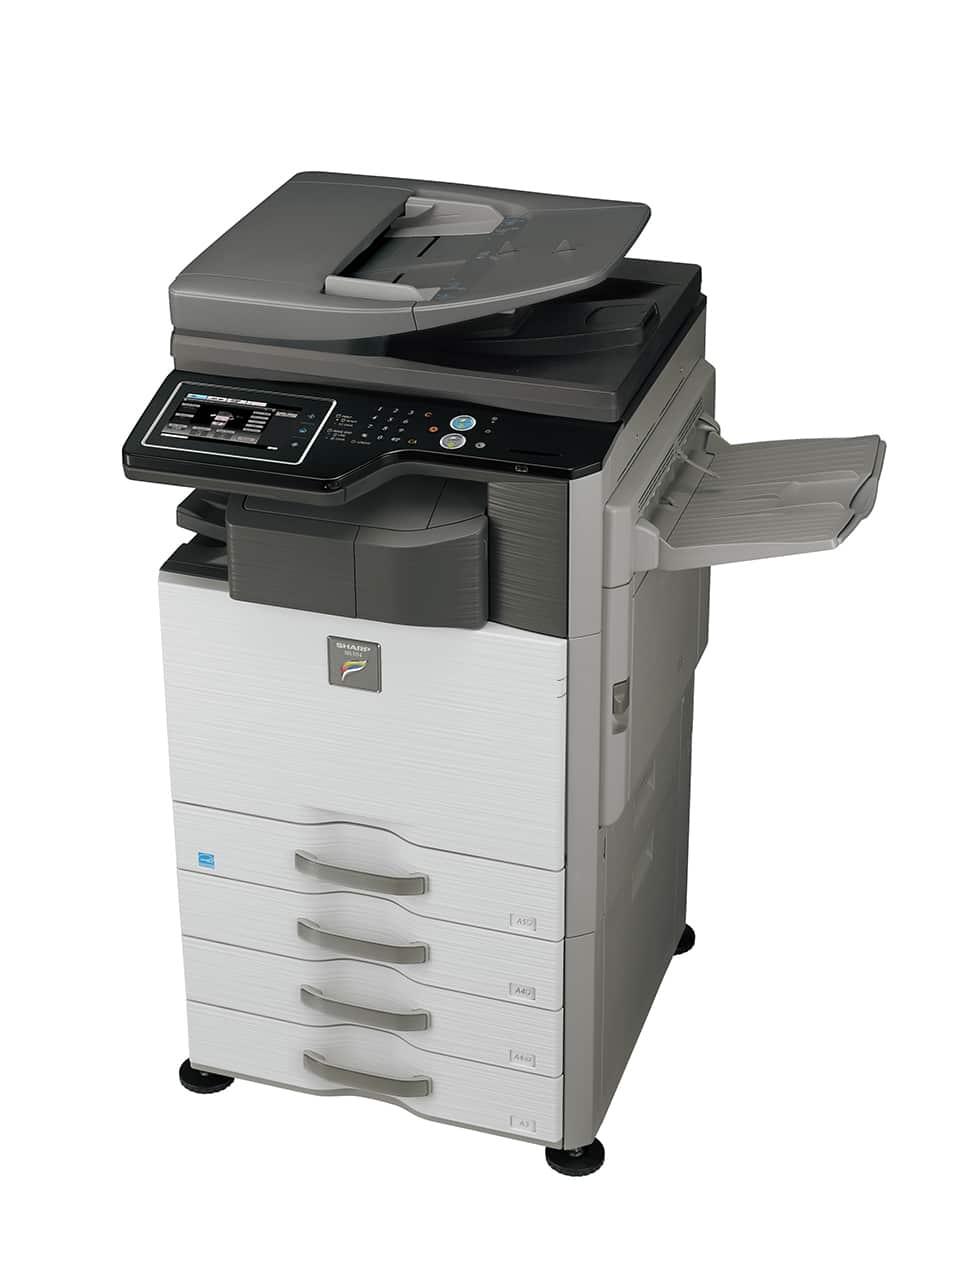 MX-2615N / MX-3115N